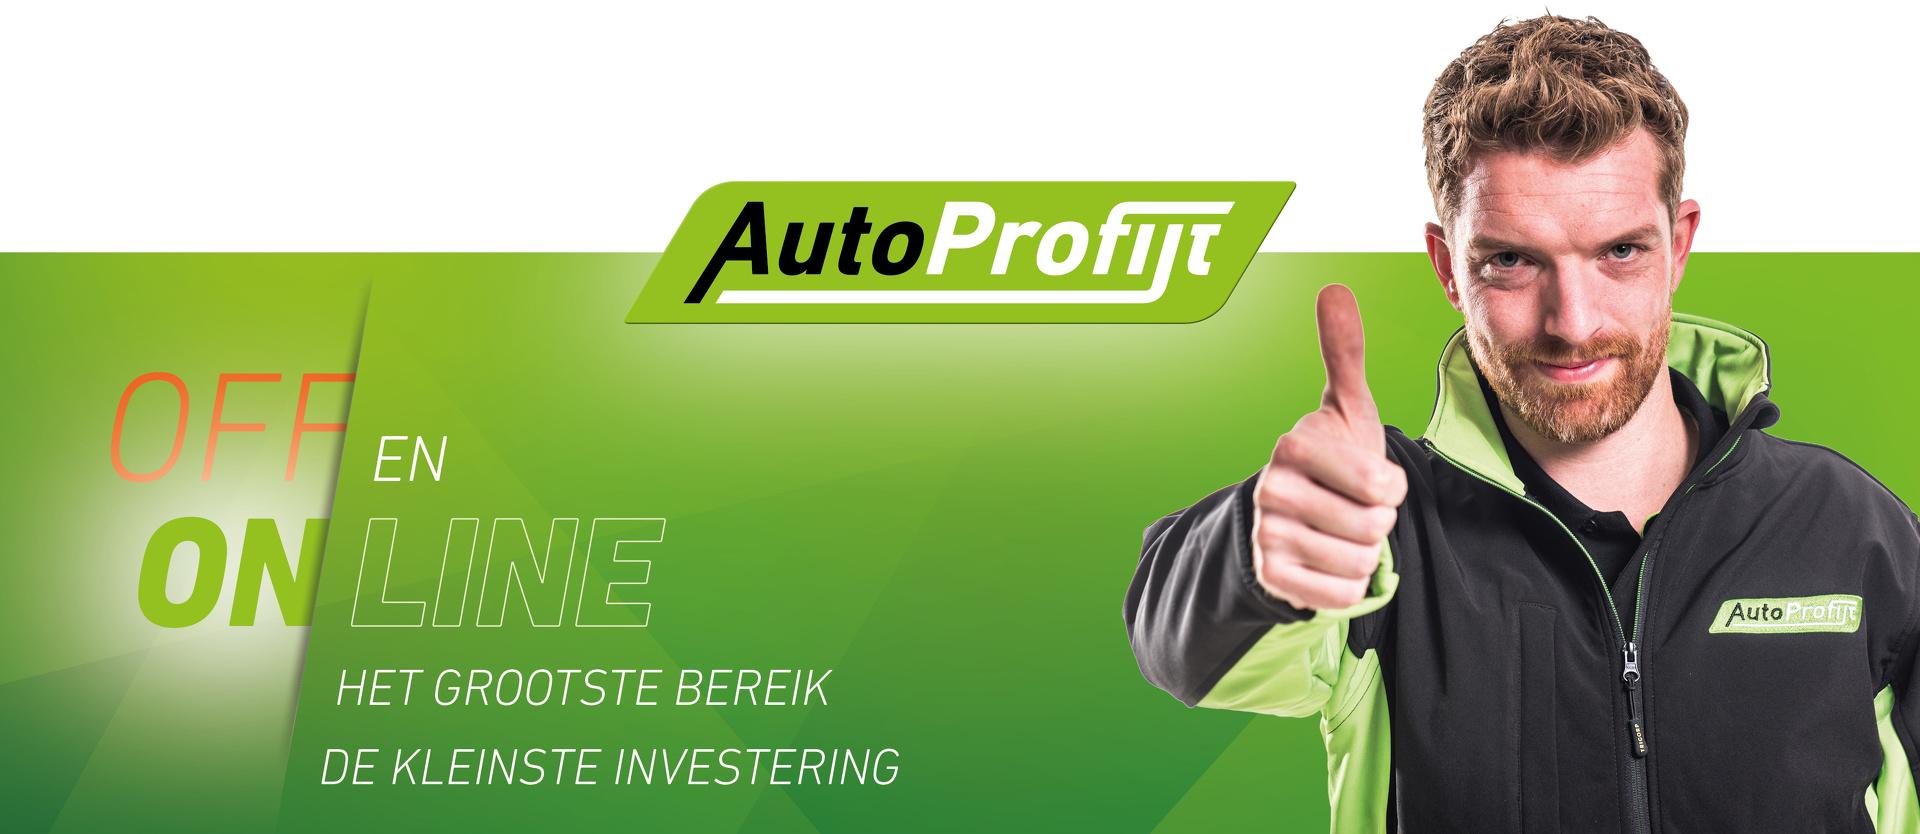 Zelf-Autoprofijt-worden-NL.jpg